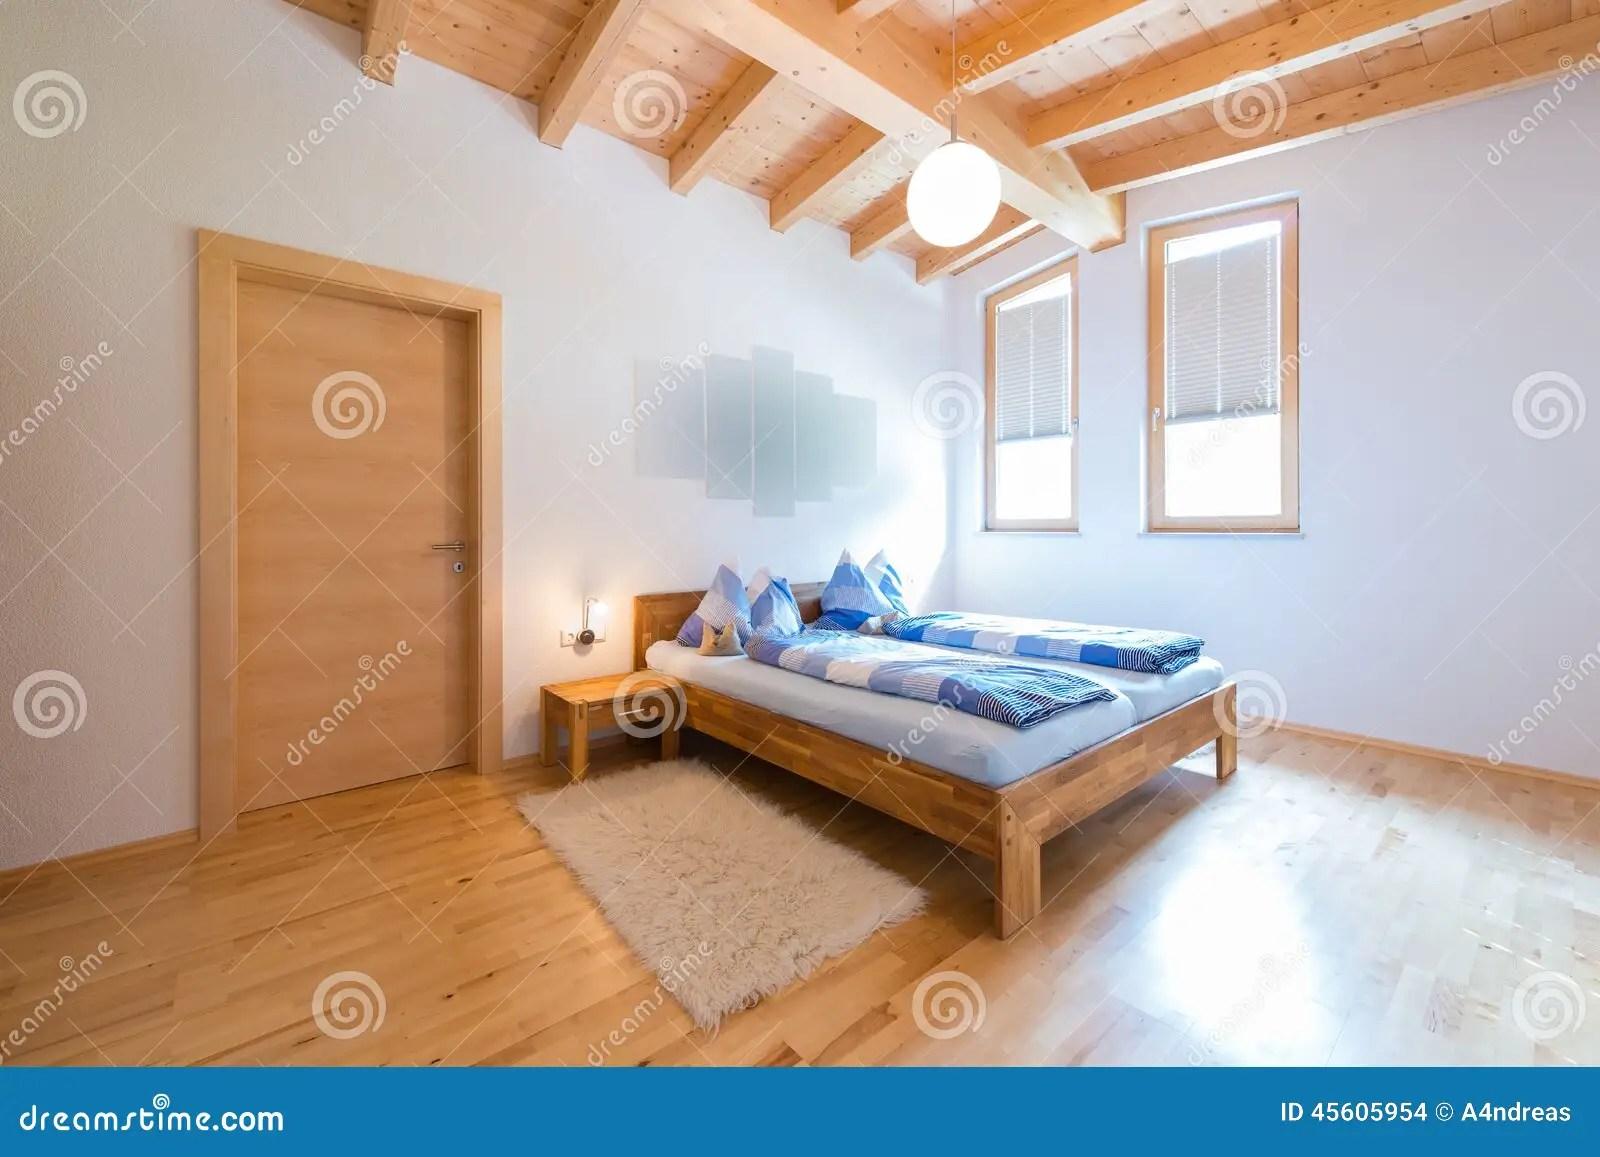 nouvelle chambre a coucher en bois moderne photo stock image du bois nouvelle 45605954